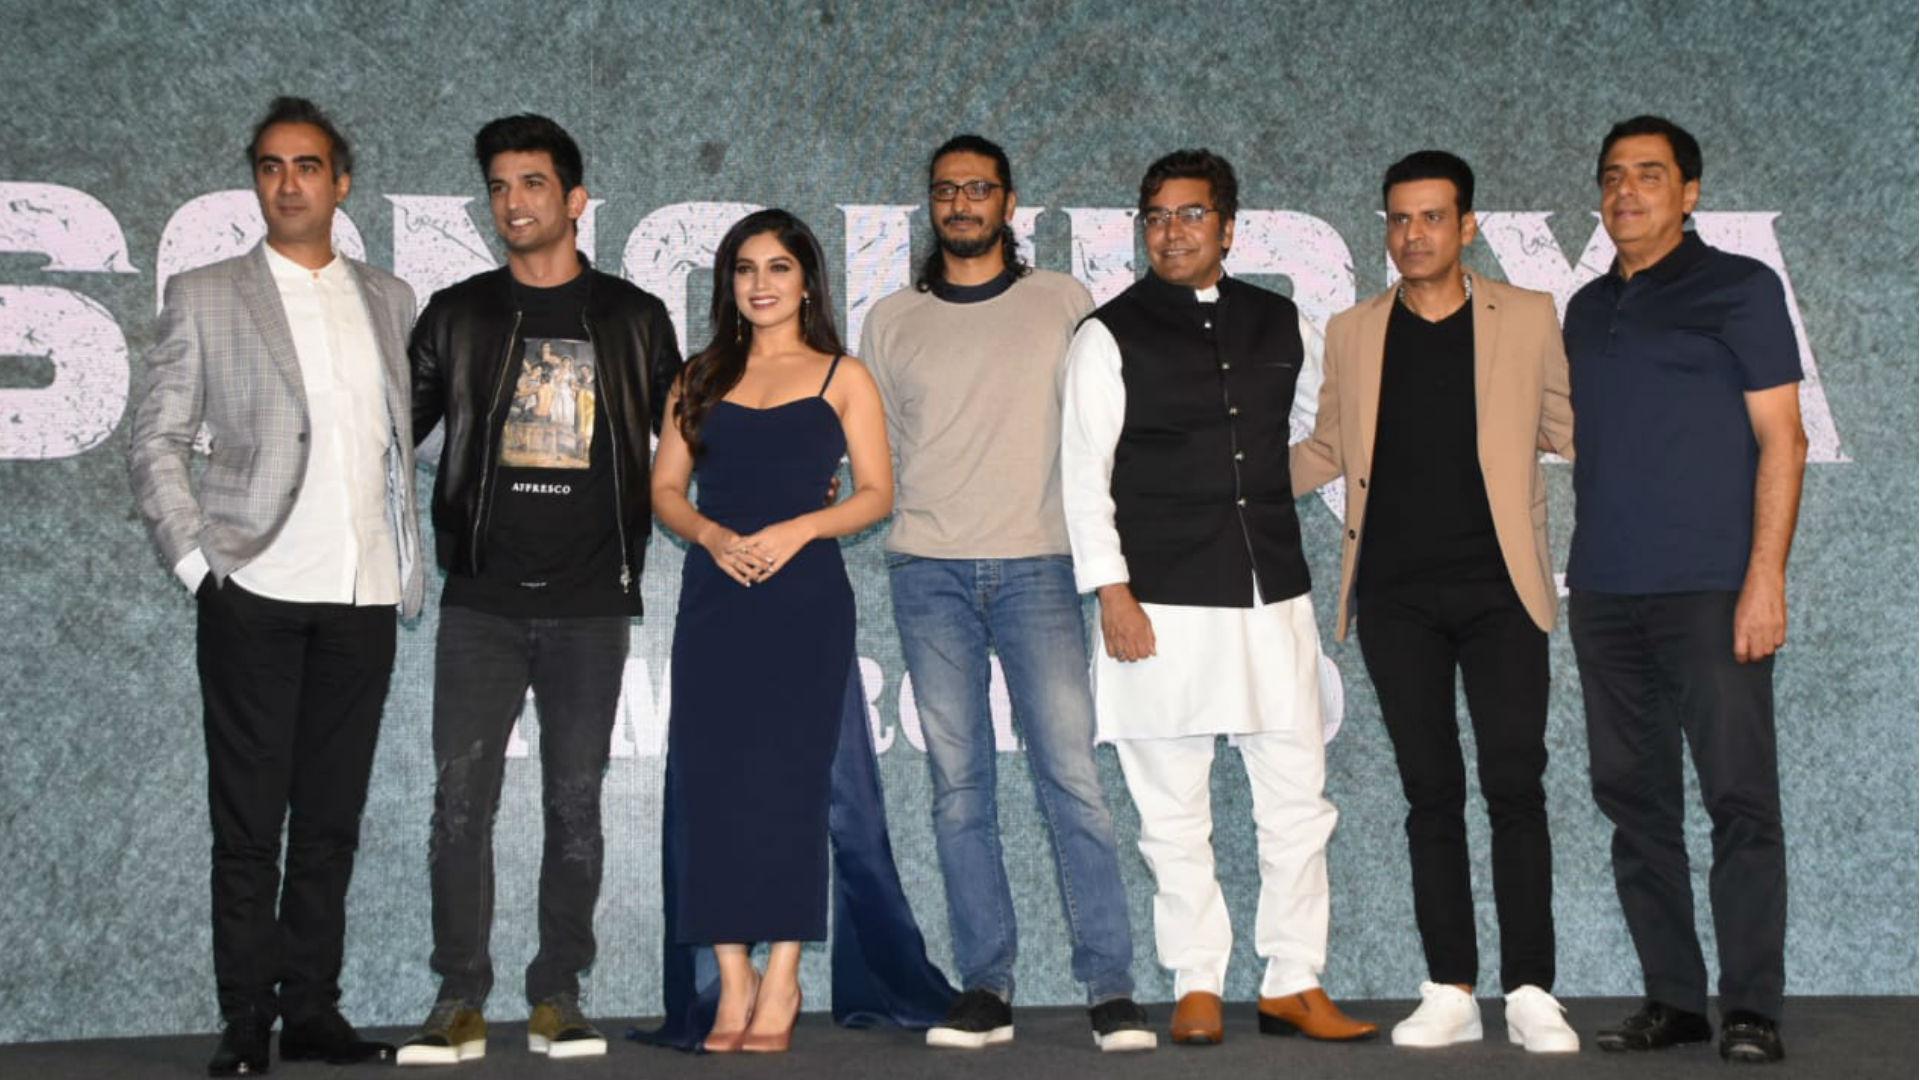 फिल्म सोनचिड़िया के बारे में बताने चंबल से आए सुशांत सिंह राजपूत, मनोज बाजपेयी, भूमि पेडनेकर और आशुतोष राणा